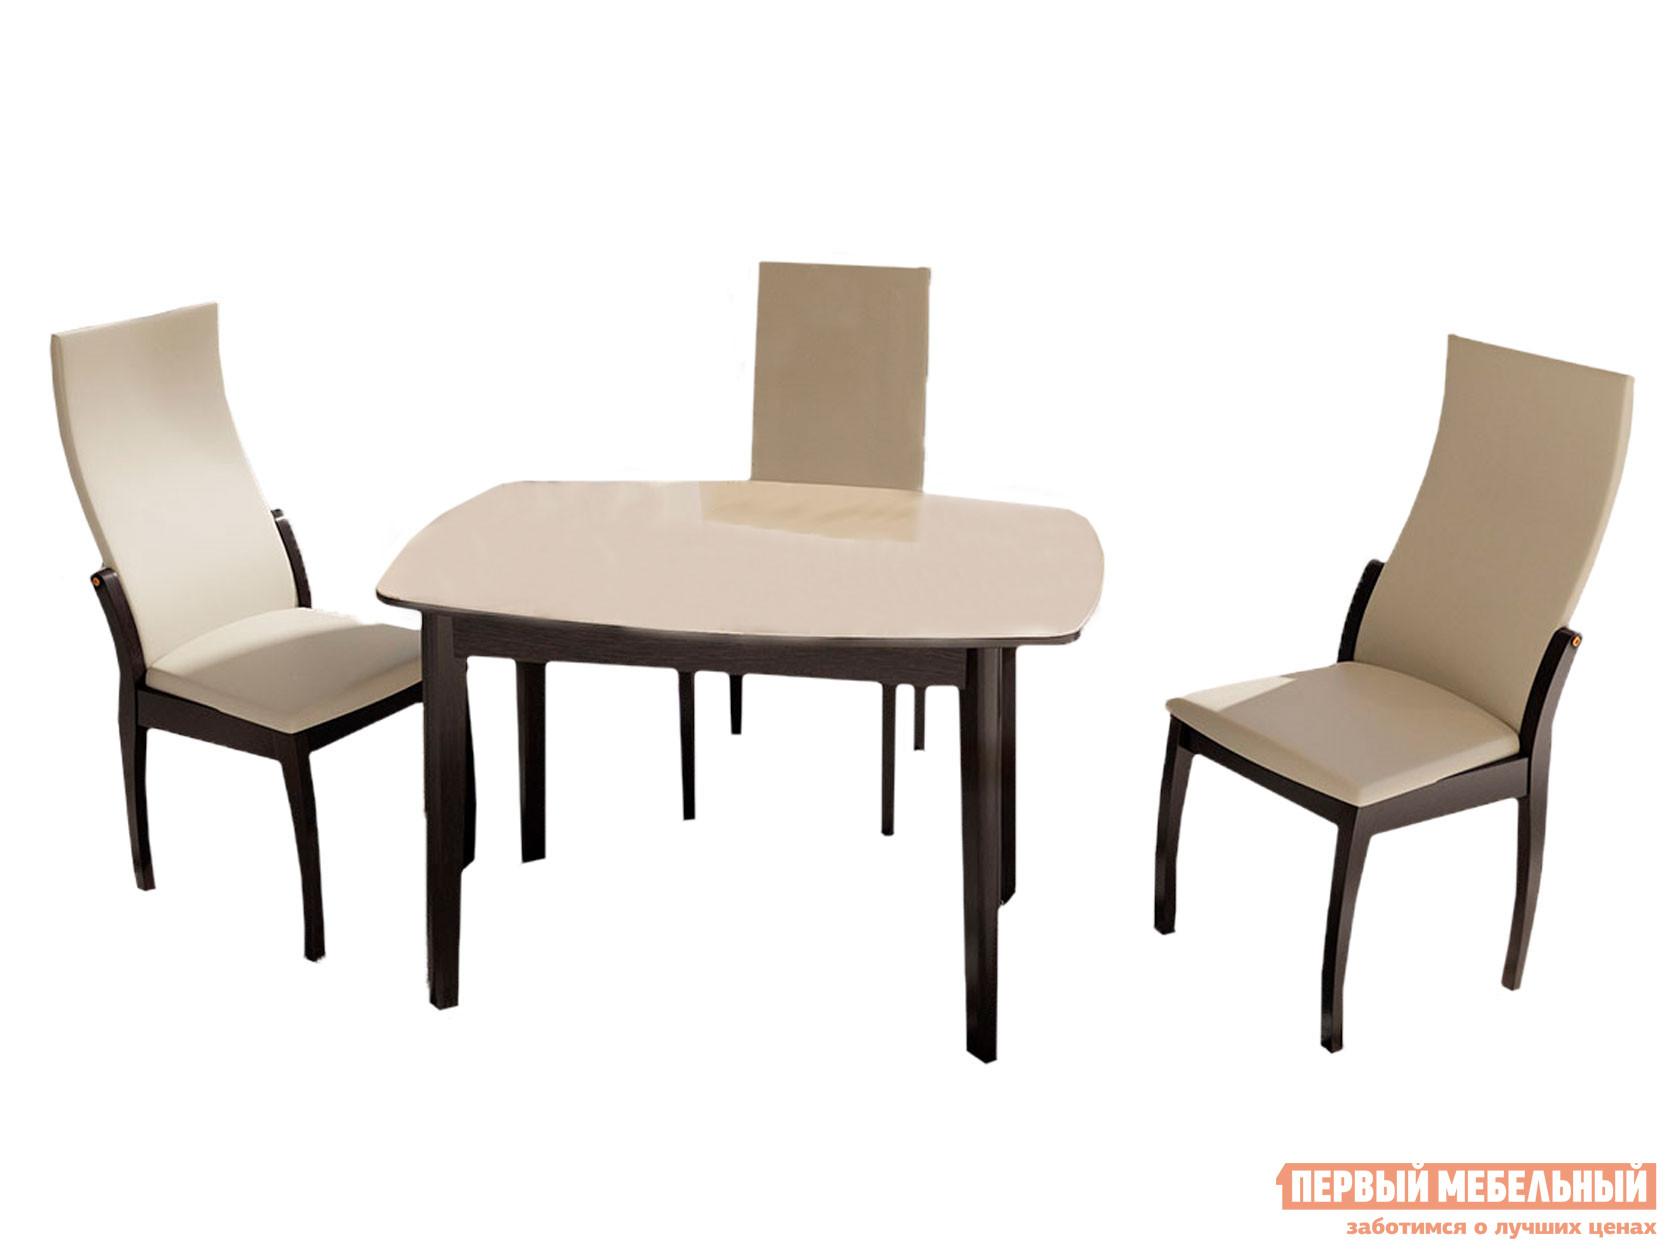 Обеденная группа для столовой и гостиной ТриЯ Обеденная группа: стол «Портофино», стулья «Бруклин Тип 1»